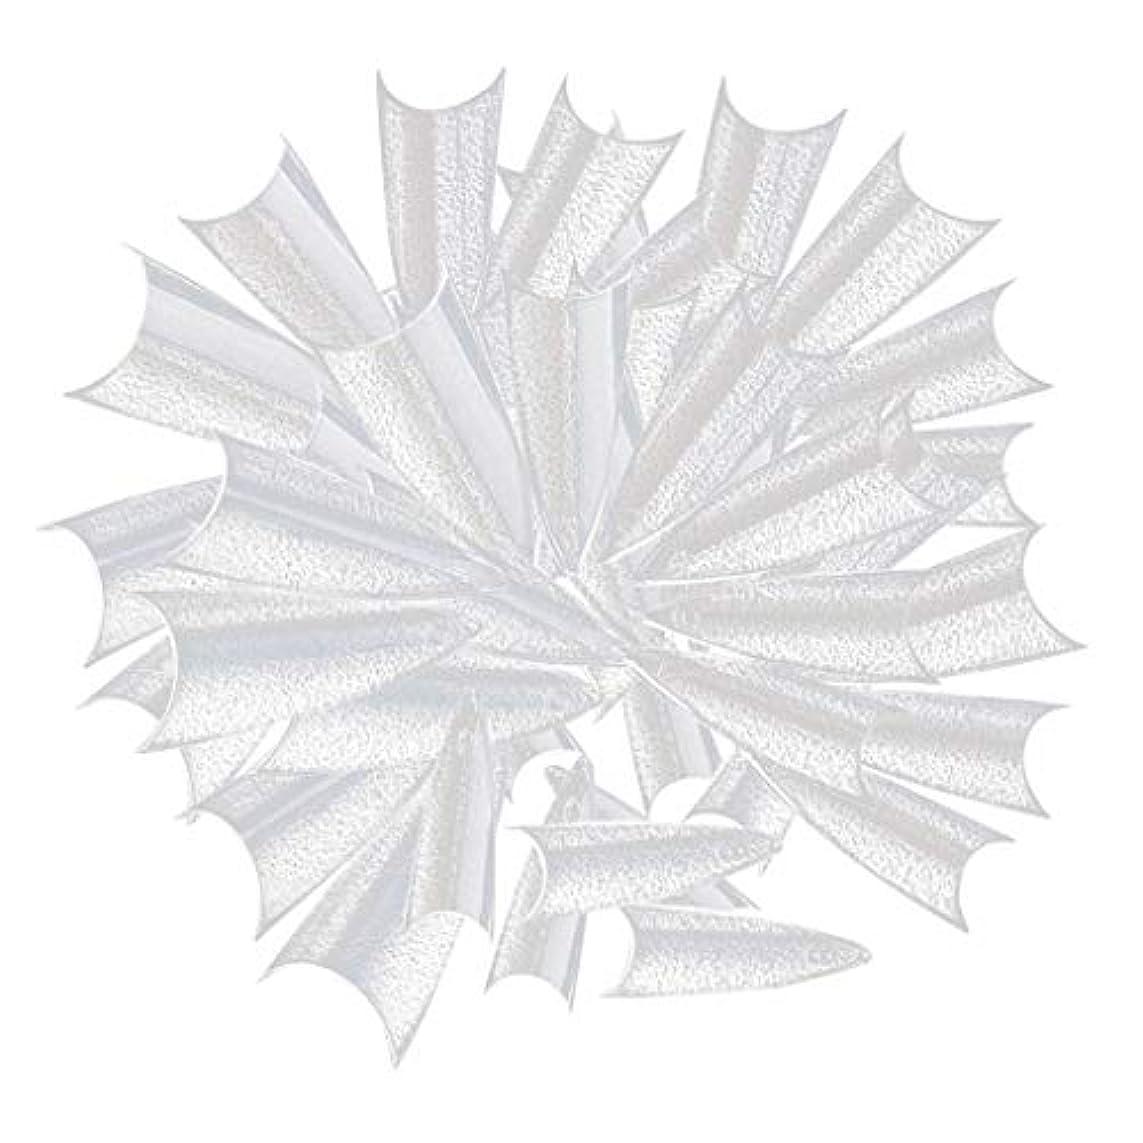 記念日描く対人ネイルの練習、ネイルサロン、ネイルポリッシュディスプレイのための500個の長い鋭いネイルのヒント - クリア